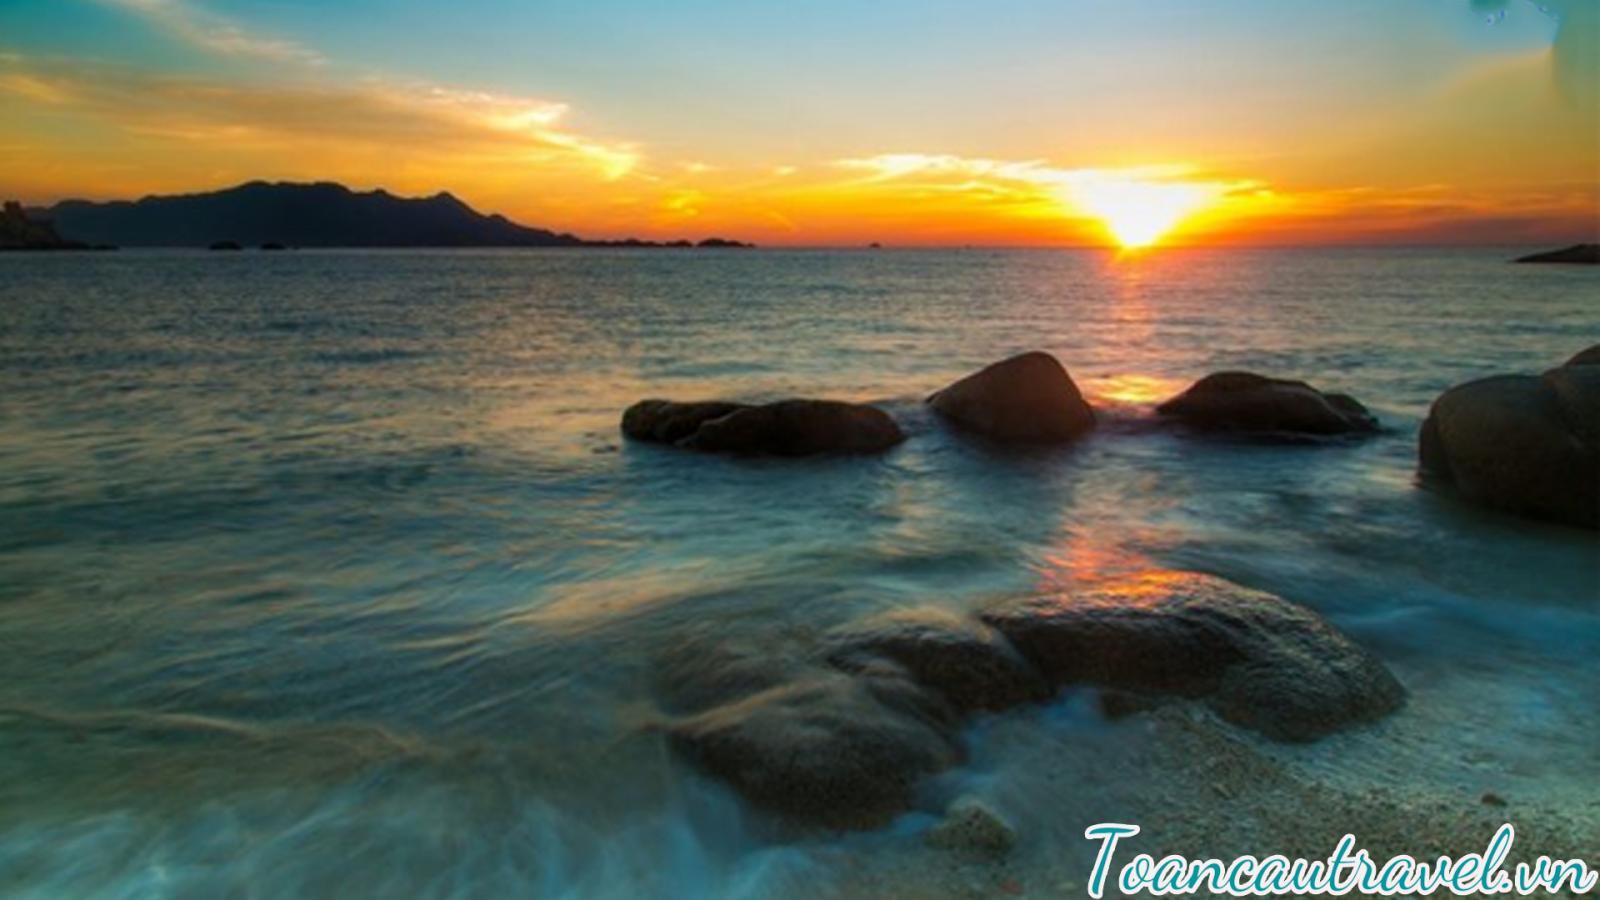 Đảo Bình Ba hấp dẫn du khách bởi vẻ đẹp thiên nhiên kỳ thú.